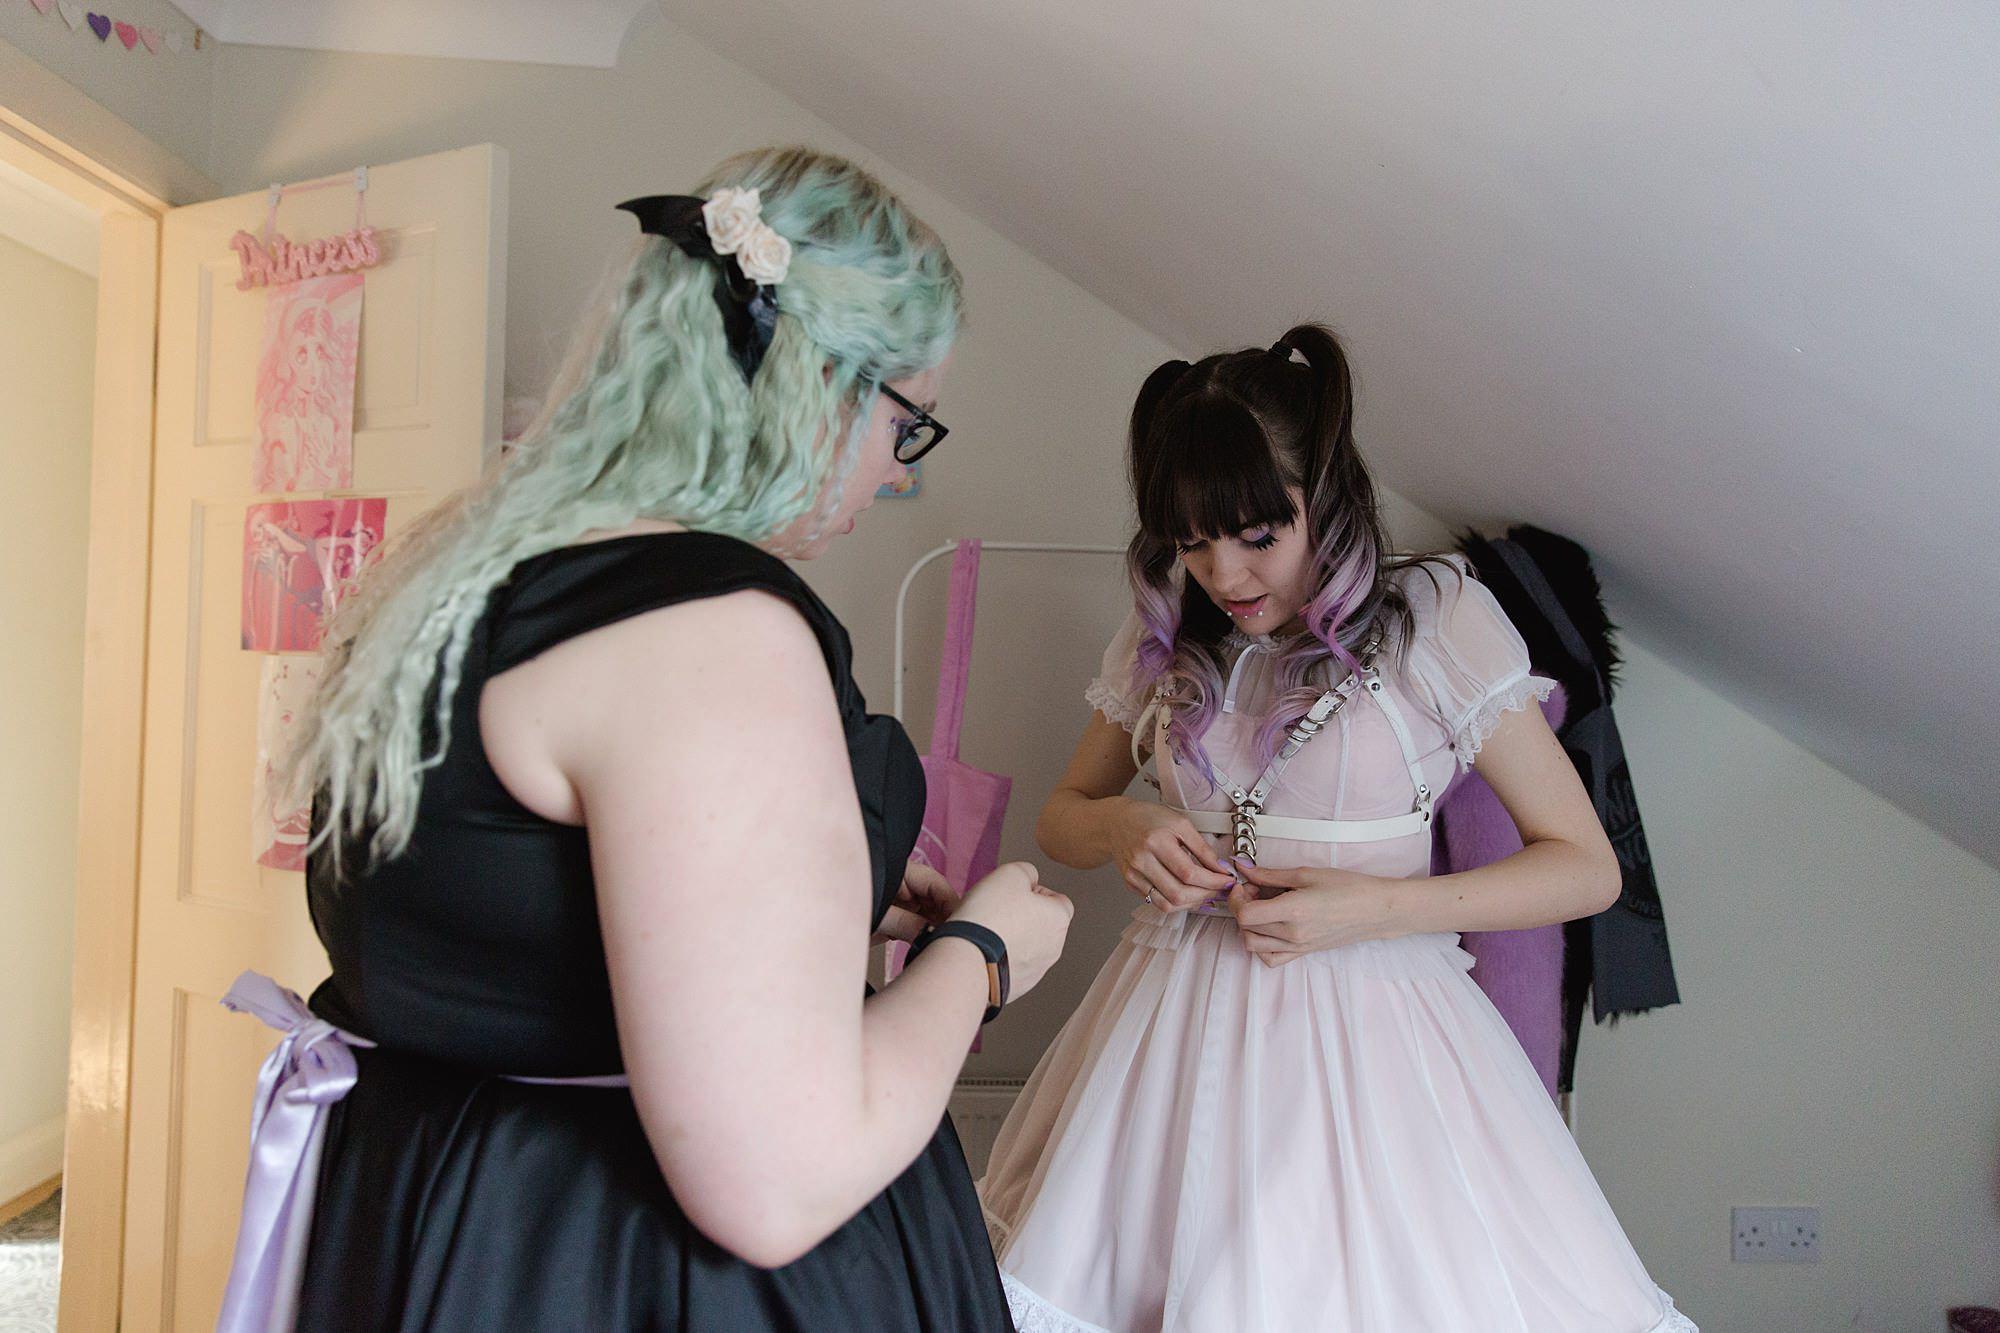 bridesmaid helps bride tie her wedding dress belt harness